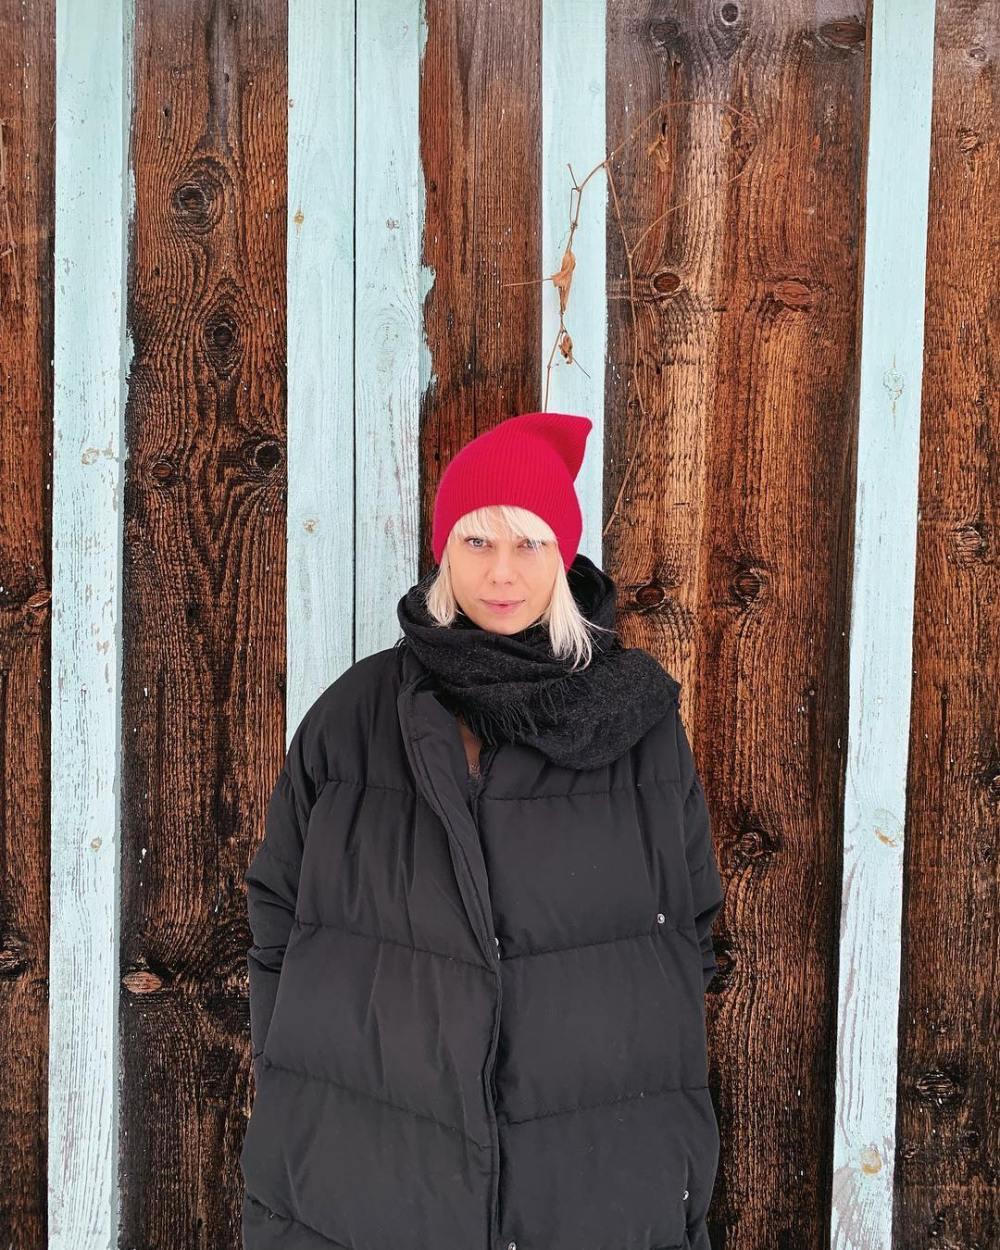 Шепелев встретил НГ с возлюбленной в Альпах — фото